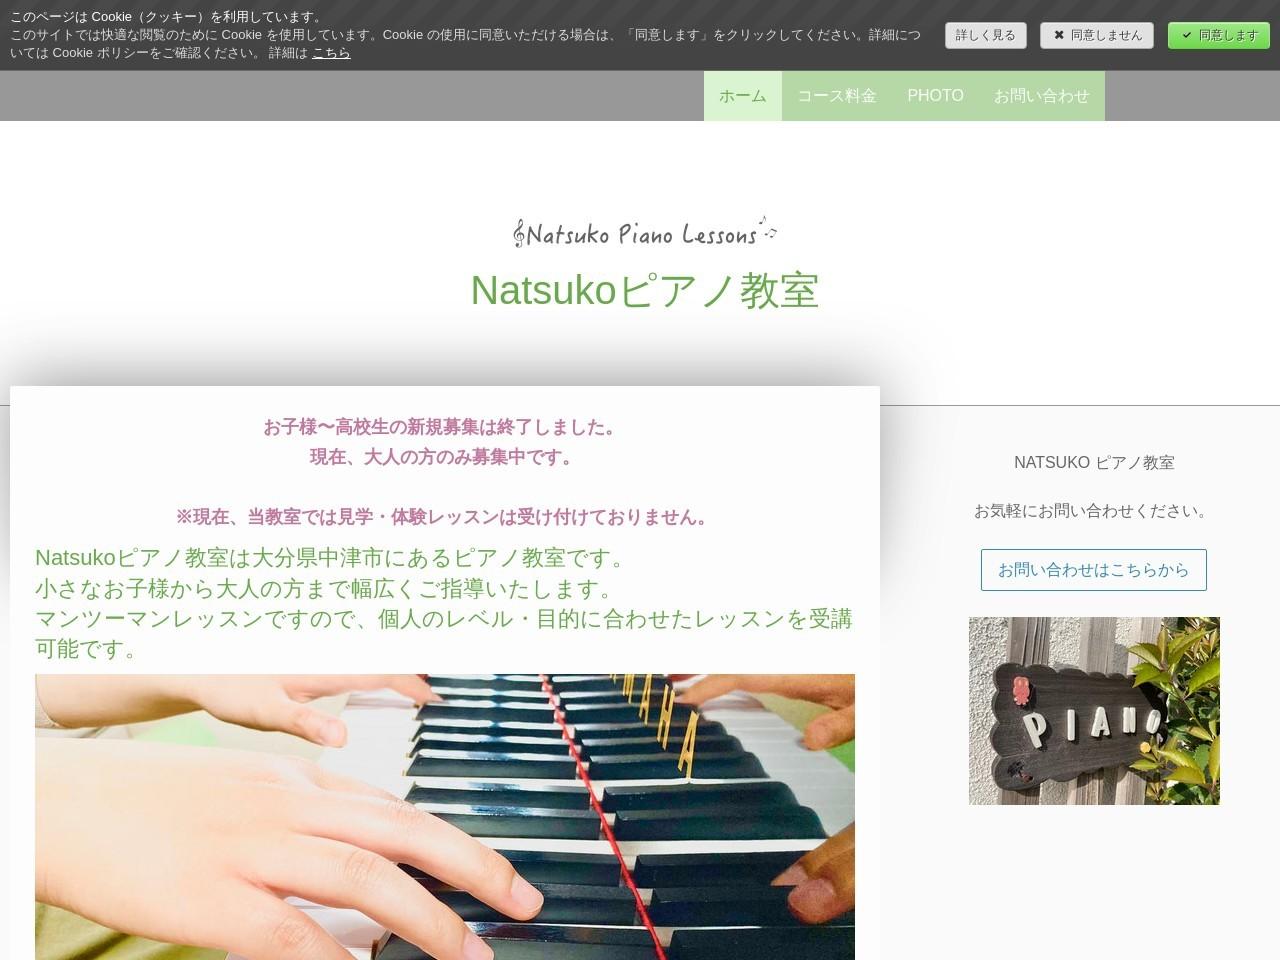 NATSUKOピアノ教室のサムネイル